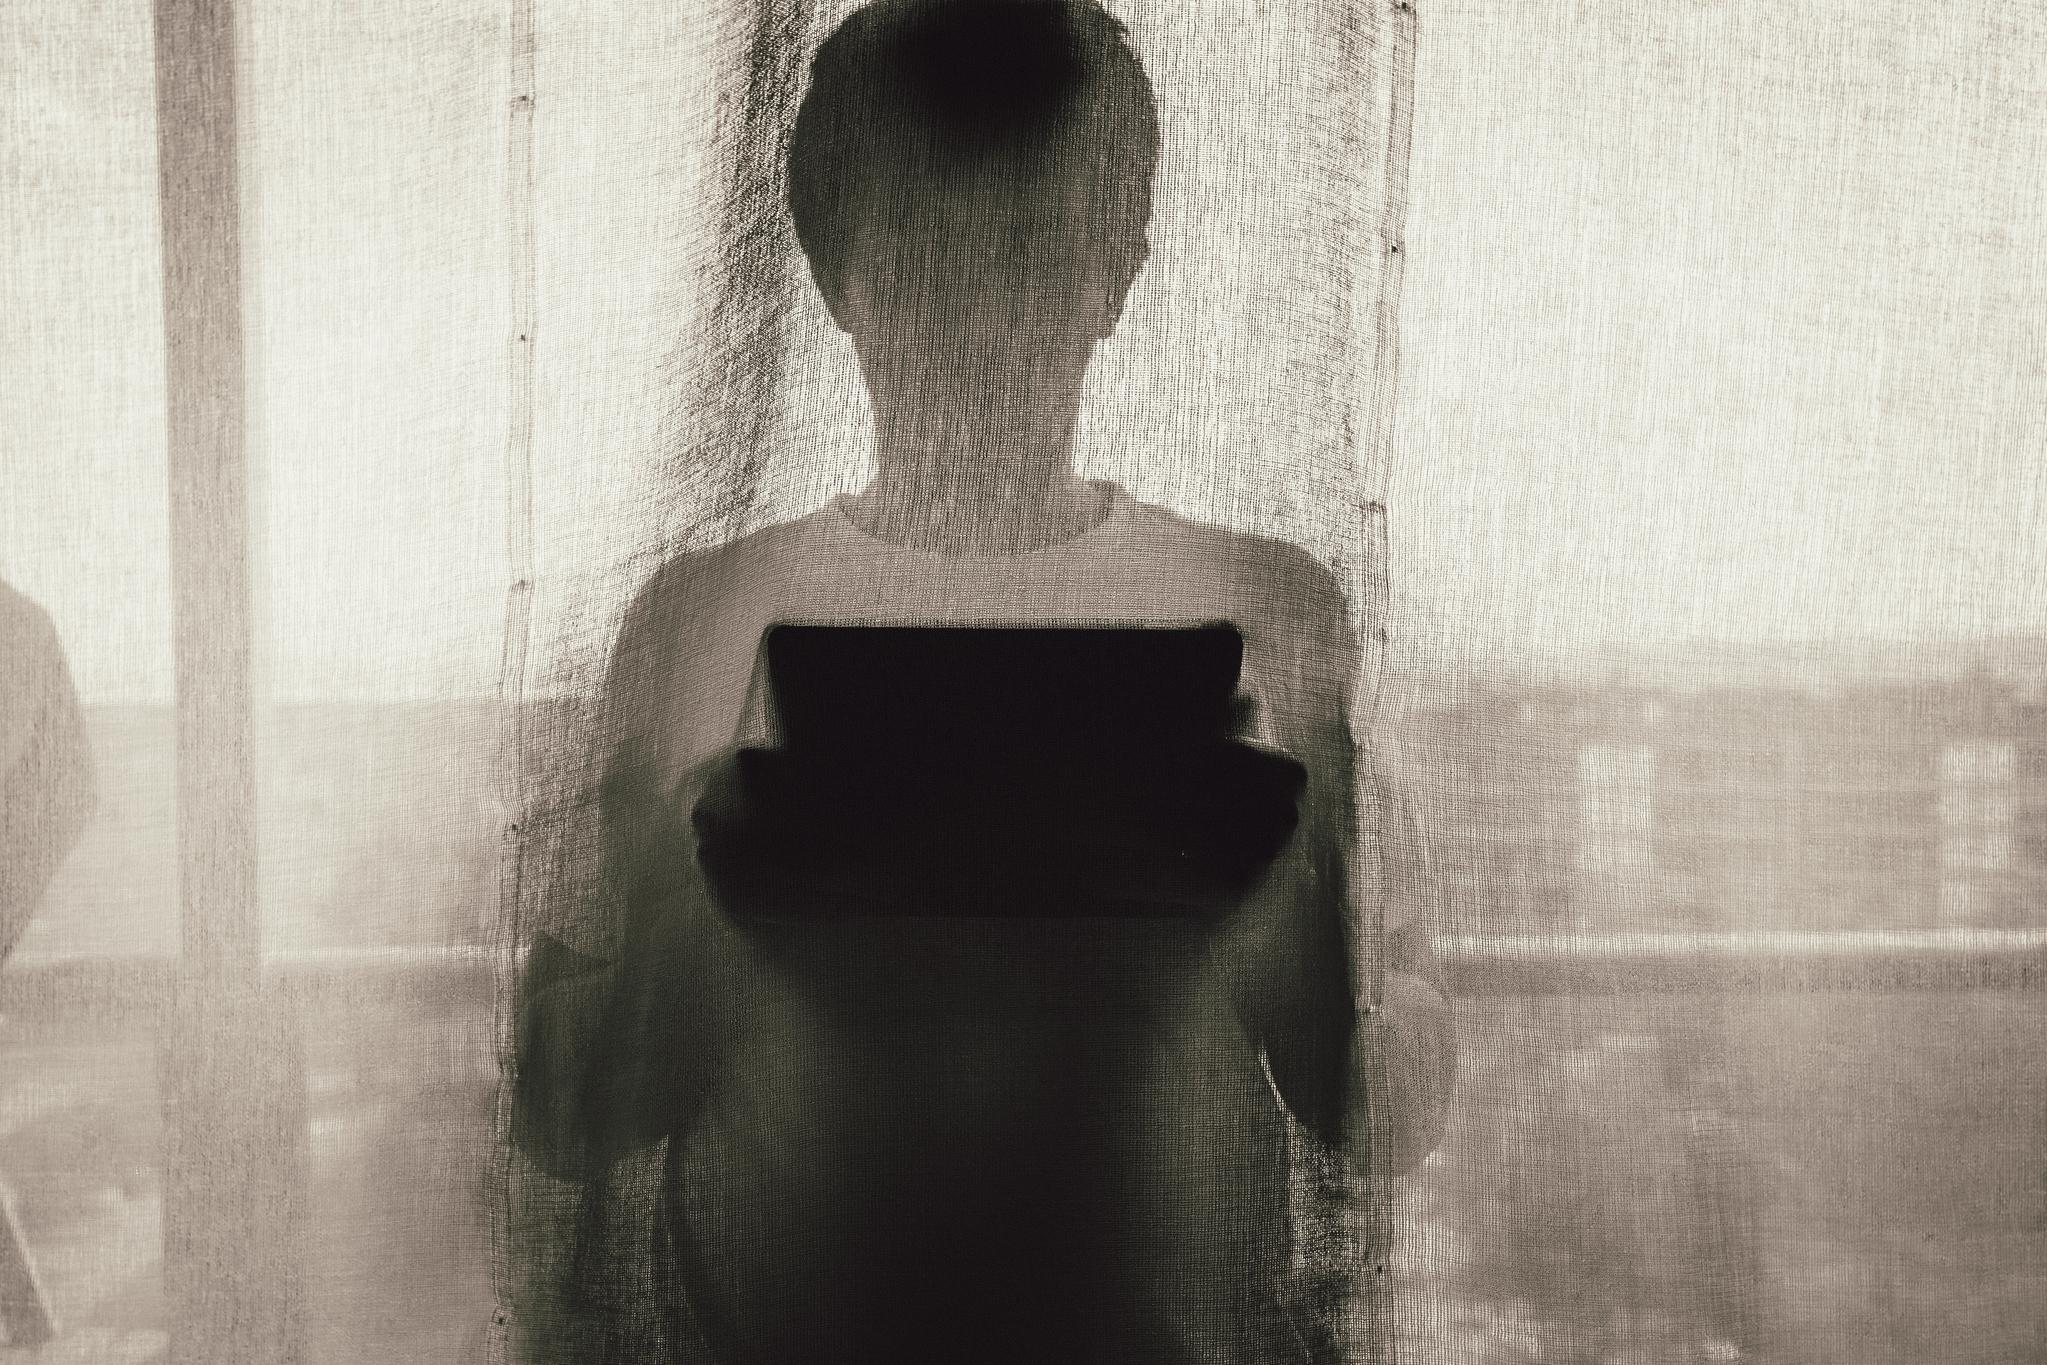 스토킹 피해자들은 일방적인 구애 행위가 고통의 시작이었다고 말한다. 기사와 관련없는 이미지. pexels